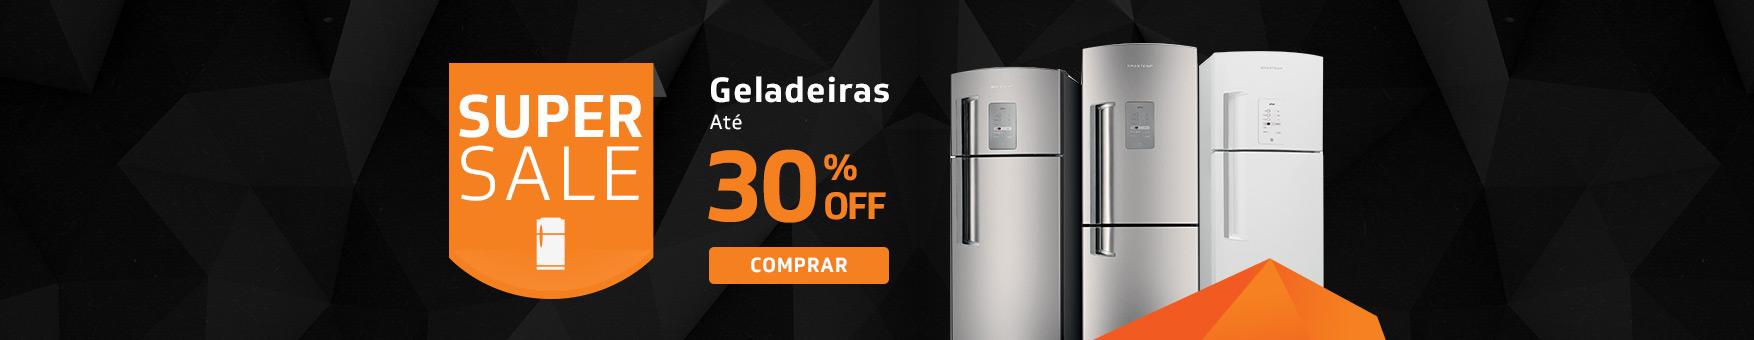 Promoção Interna - 99 - super sale_geladeiras_home_29062015 - geladeiras - 4